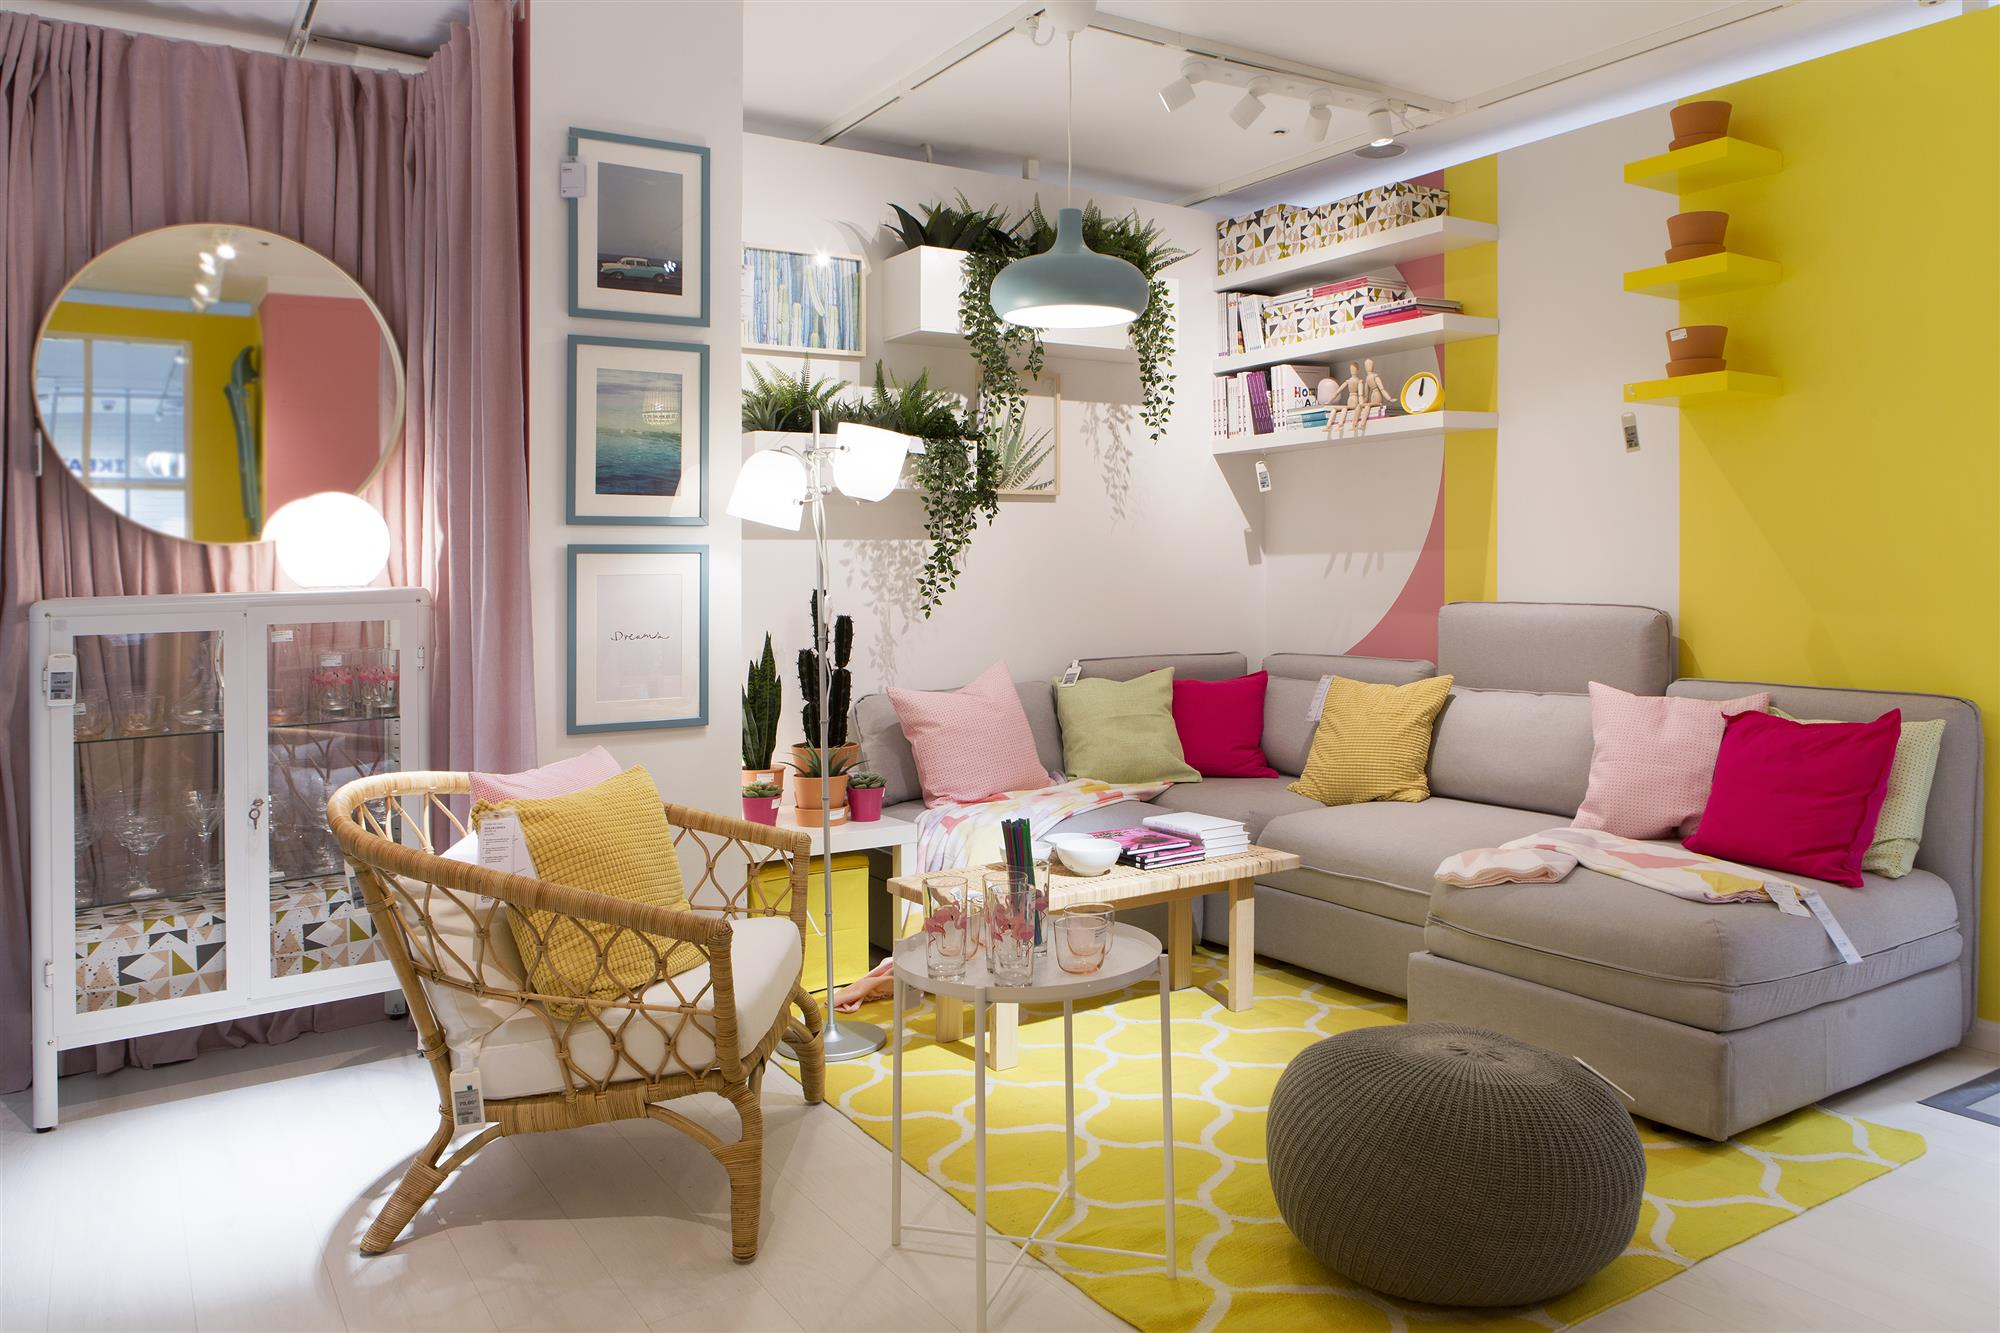 Ikea abre nueva tienda en madrid - Muebles modernos ikea ...